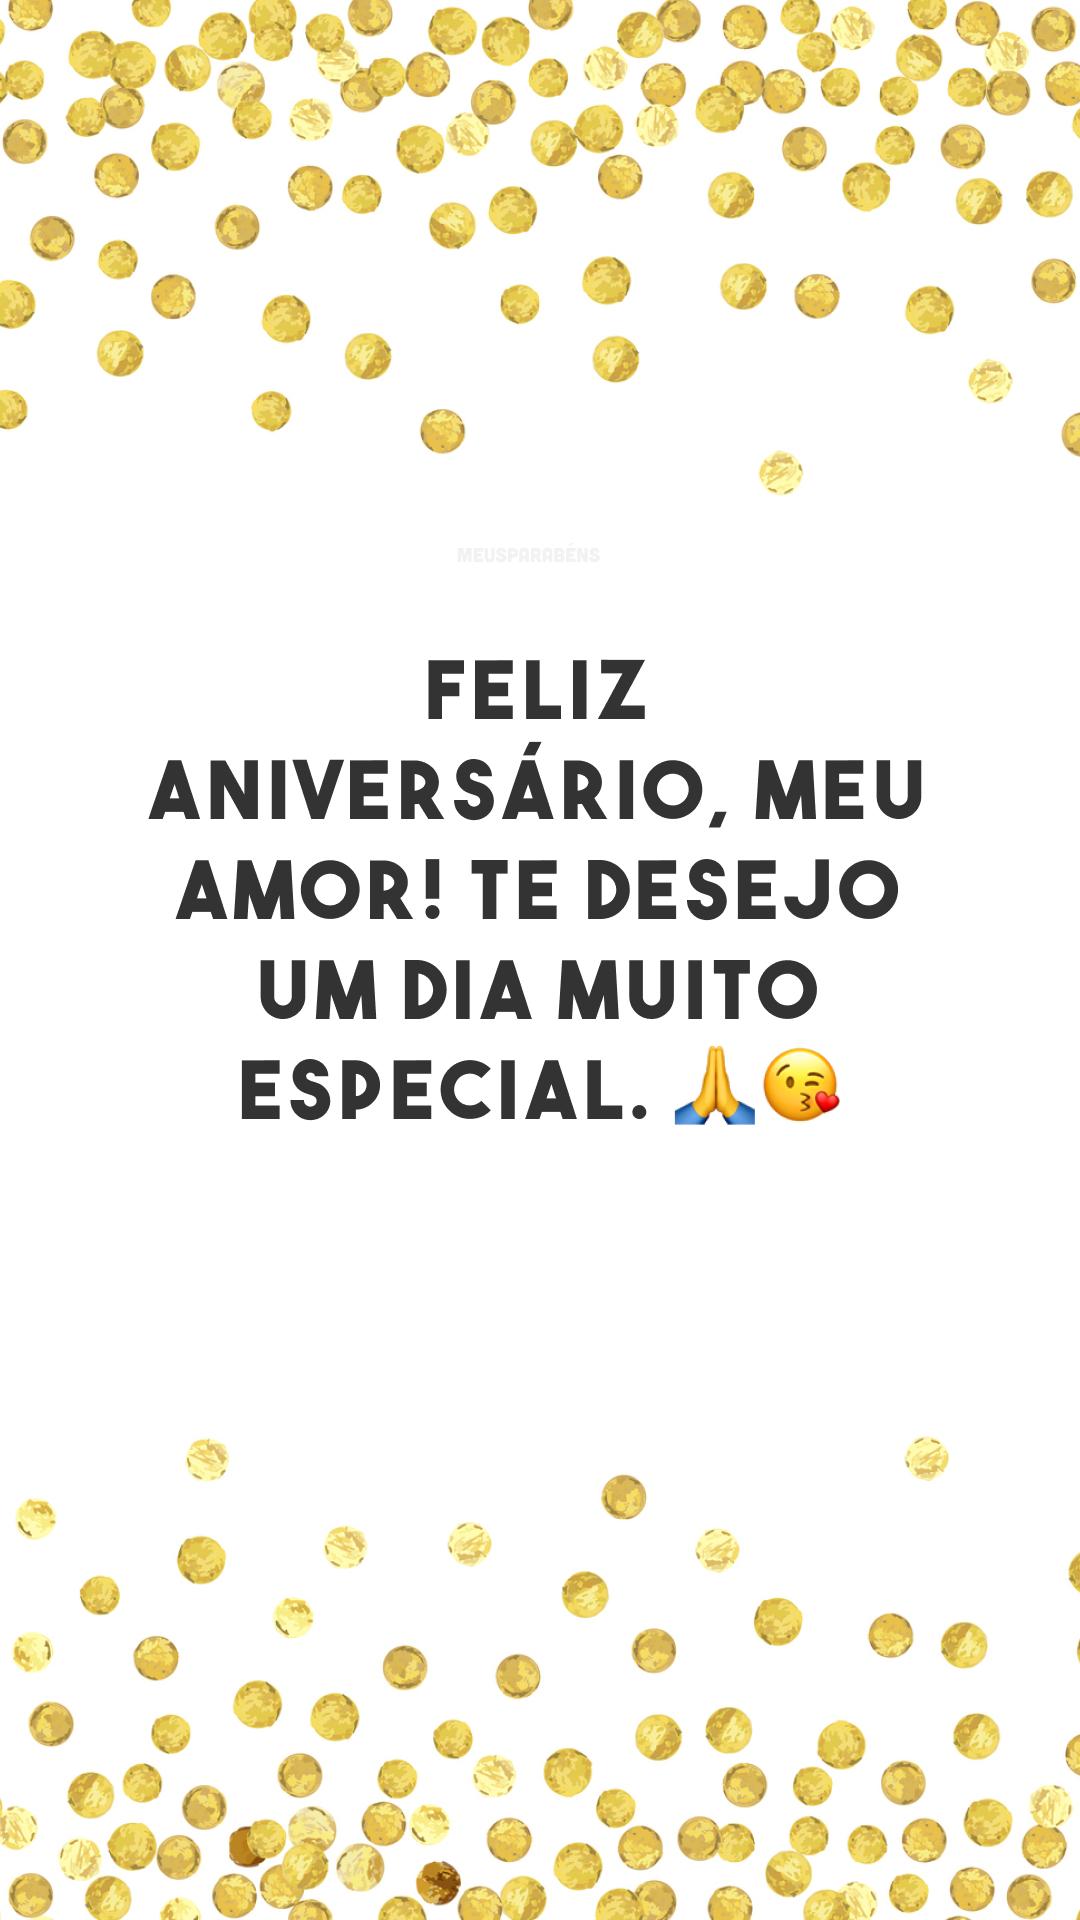 Feliz aniversário, meu amor! Te desejo um dia muito especial. 🙏😘